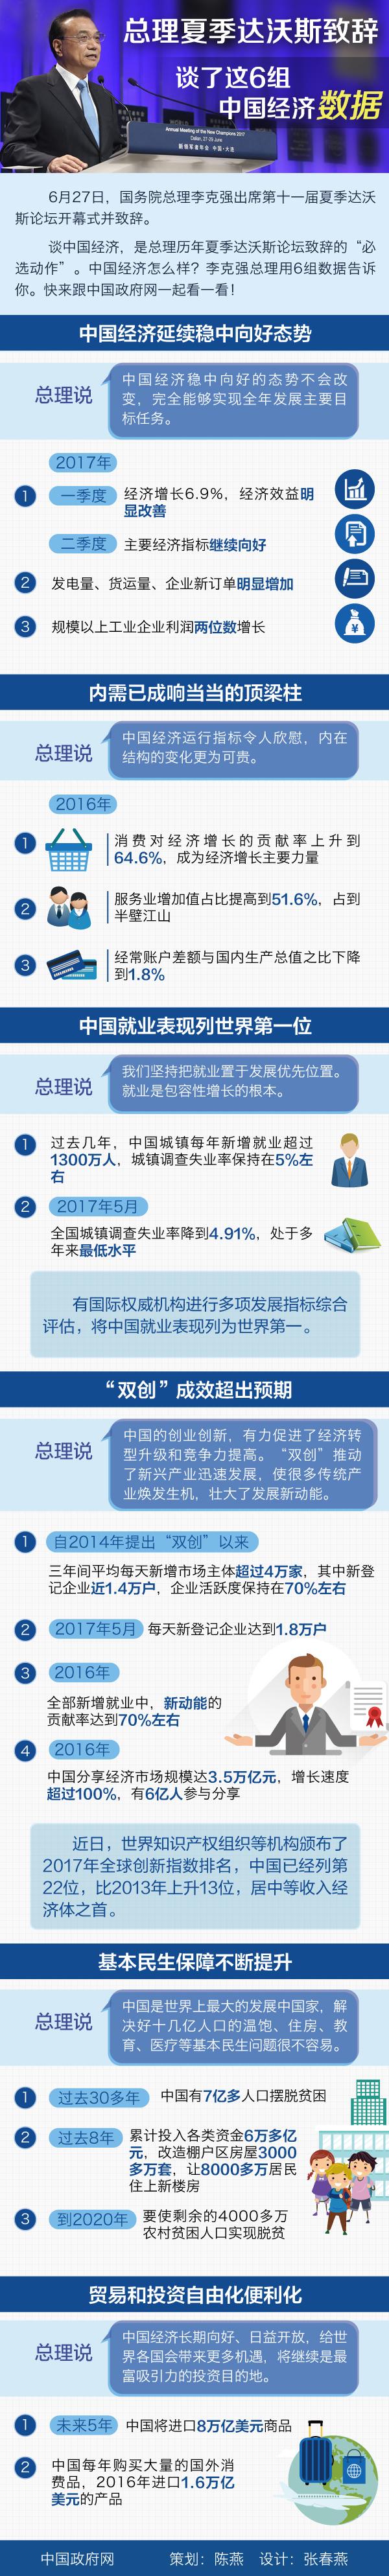 【图解】总理夏季达沃斯致辞谈了这6组中国经济数据